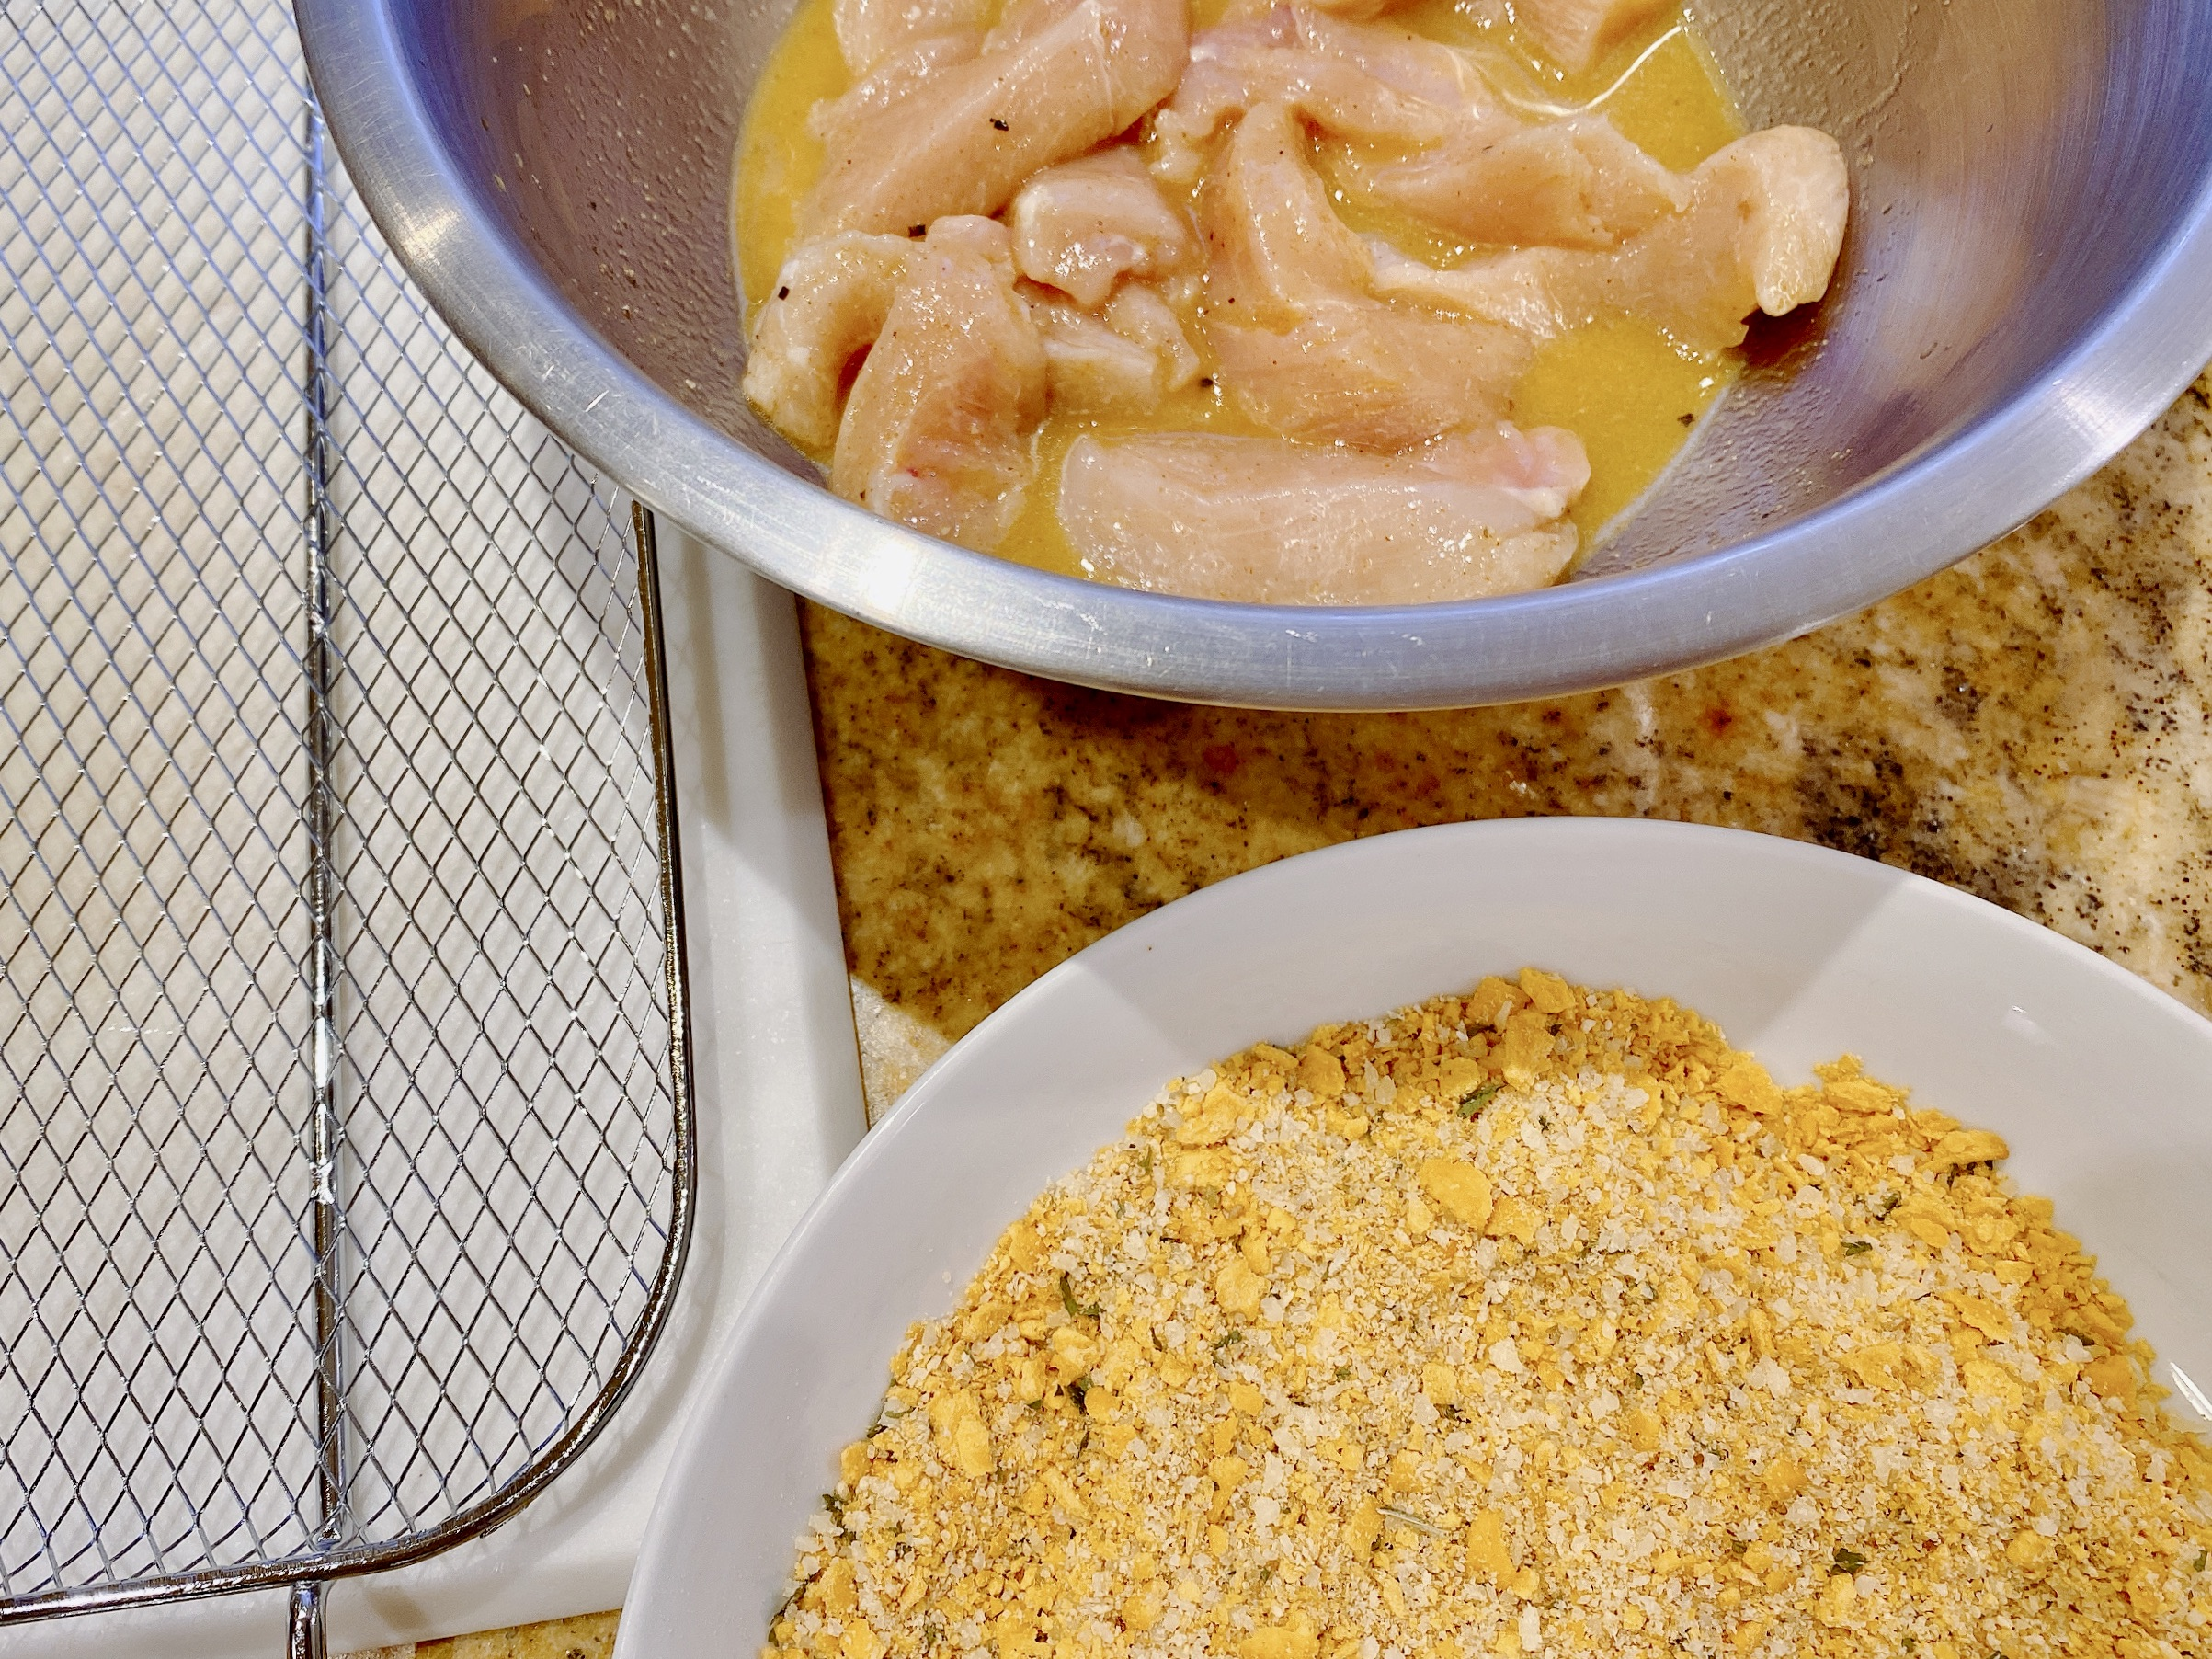 Ingredients to prepare crispy chicken tenders recipe